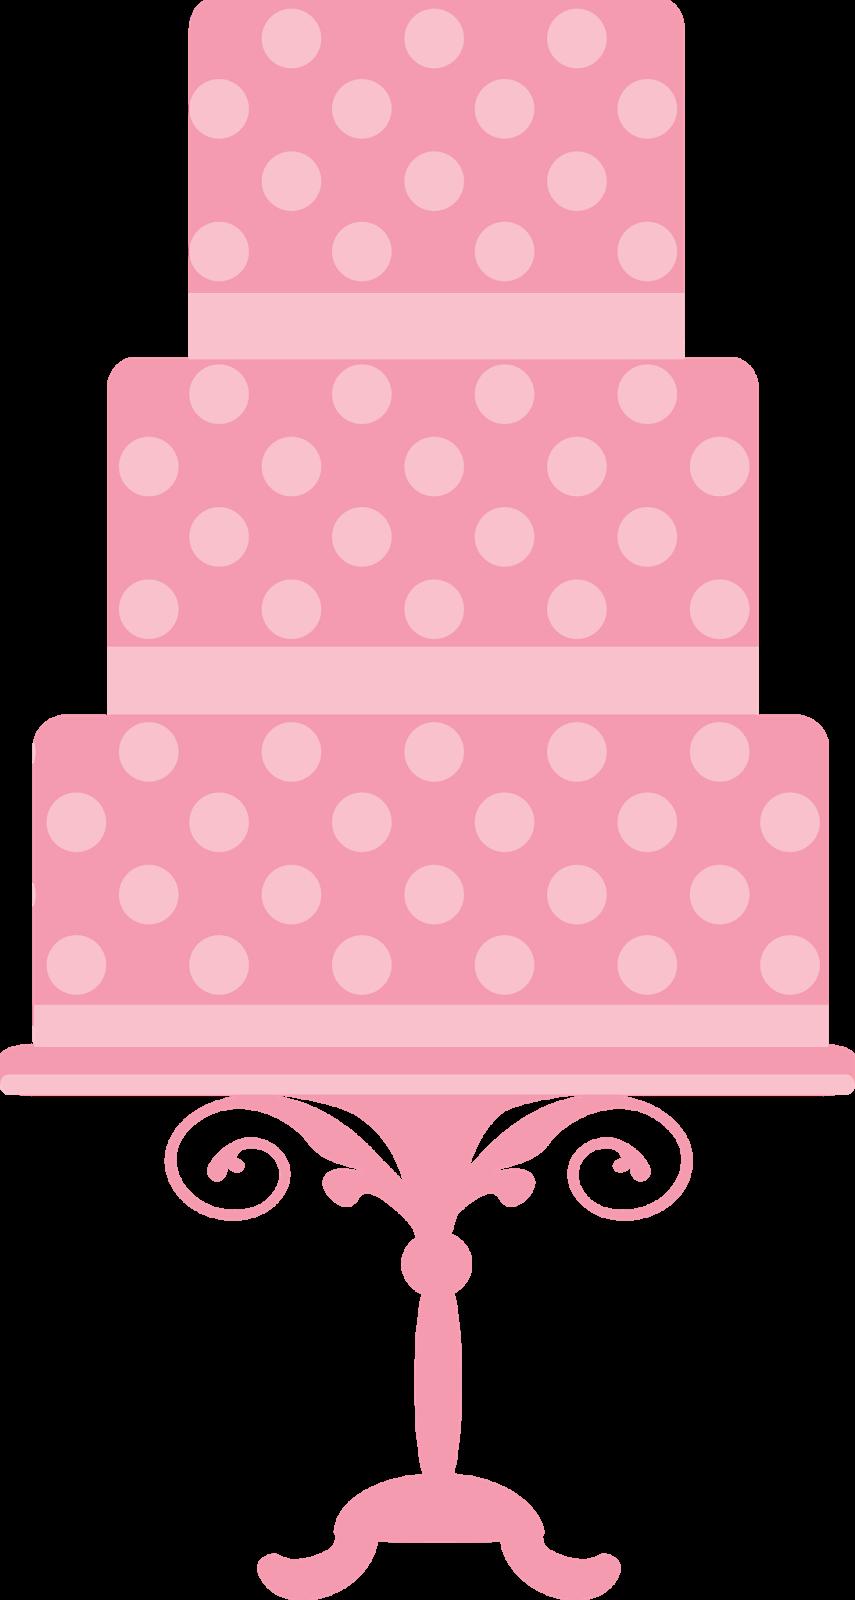 clipart de tartas o pasteles para fiestas